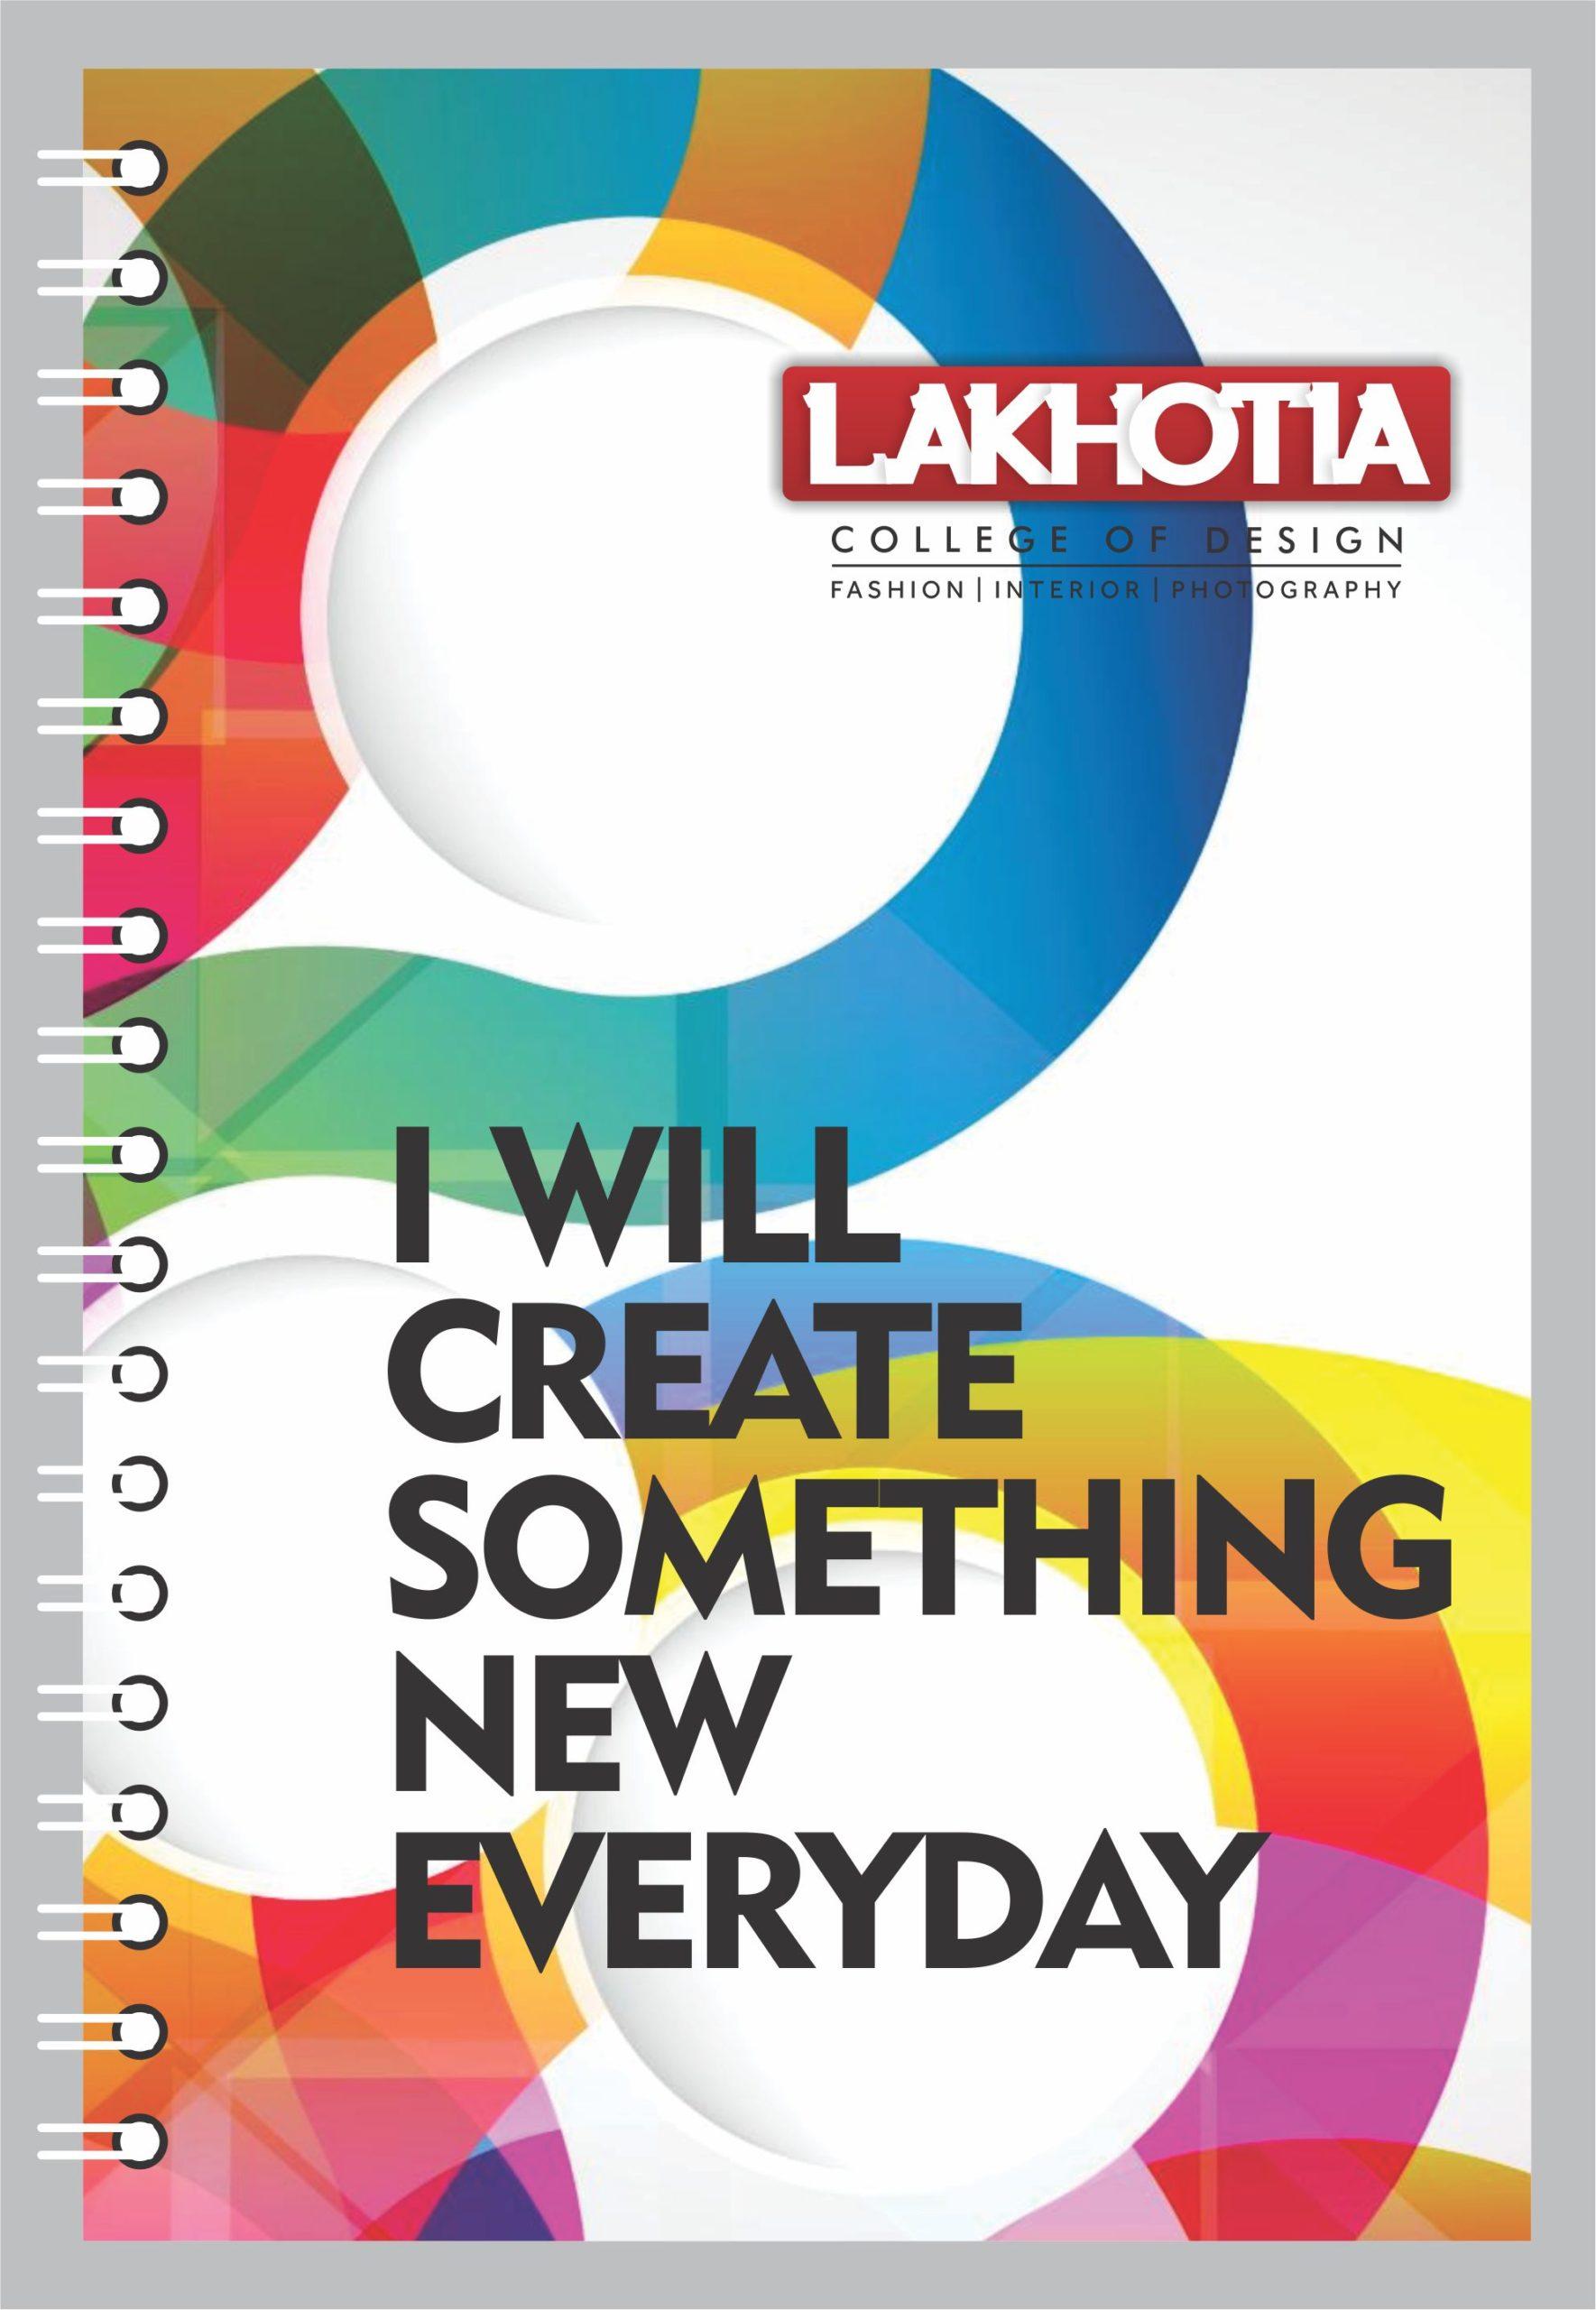 Lakhotia2